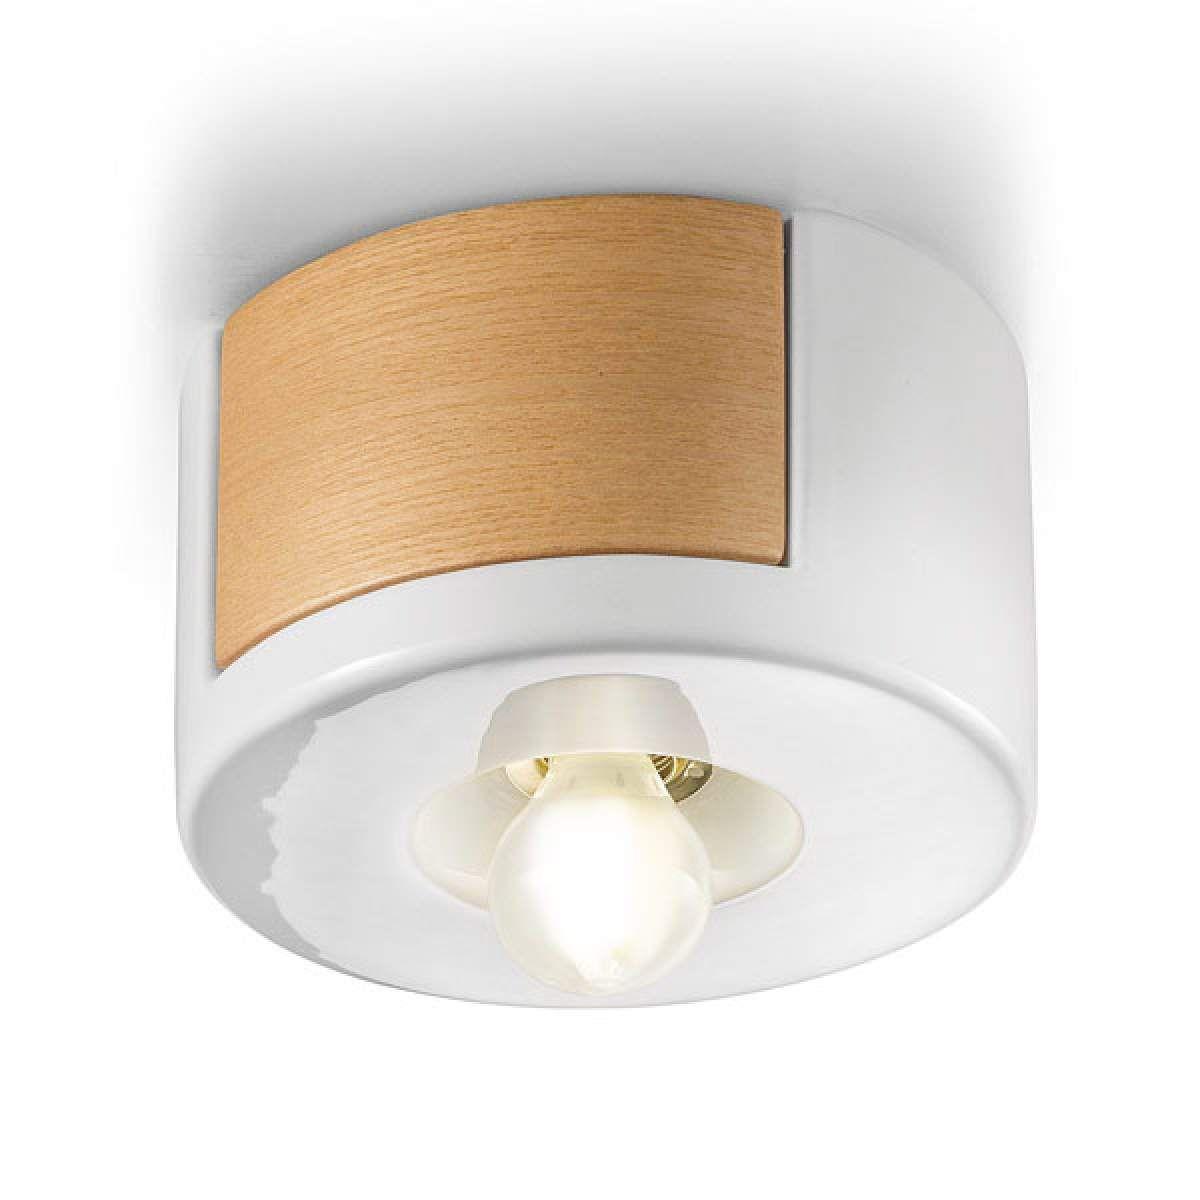 Full Size of Deckenlampe C1791 Im Skandinavischen Stil Wei Bad Deckenlampen Wohnzimmer Modern Für Küche Schlafzimmer Esstisch Bett Skandinavisch Wohnzimmer Deckenlampe Skandinavisch